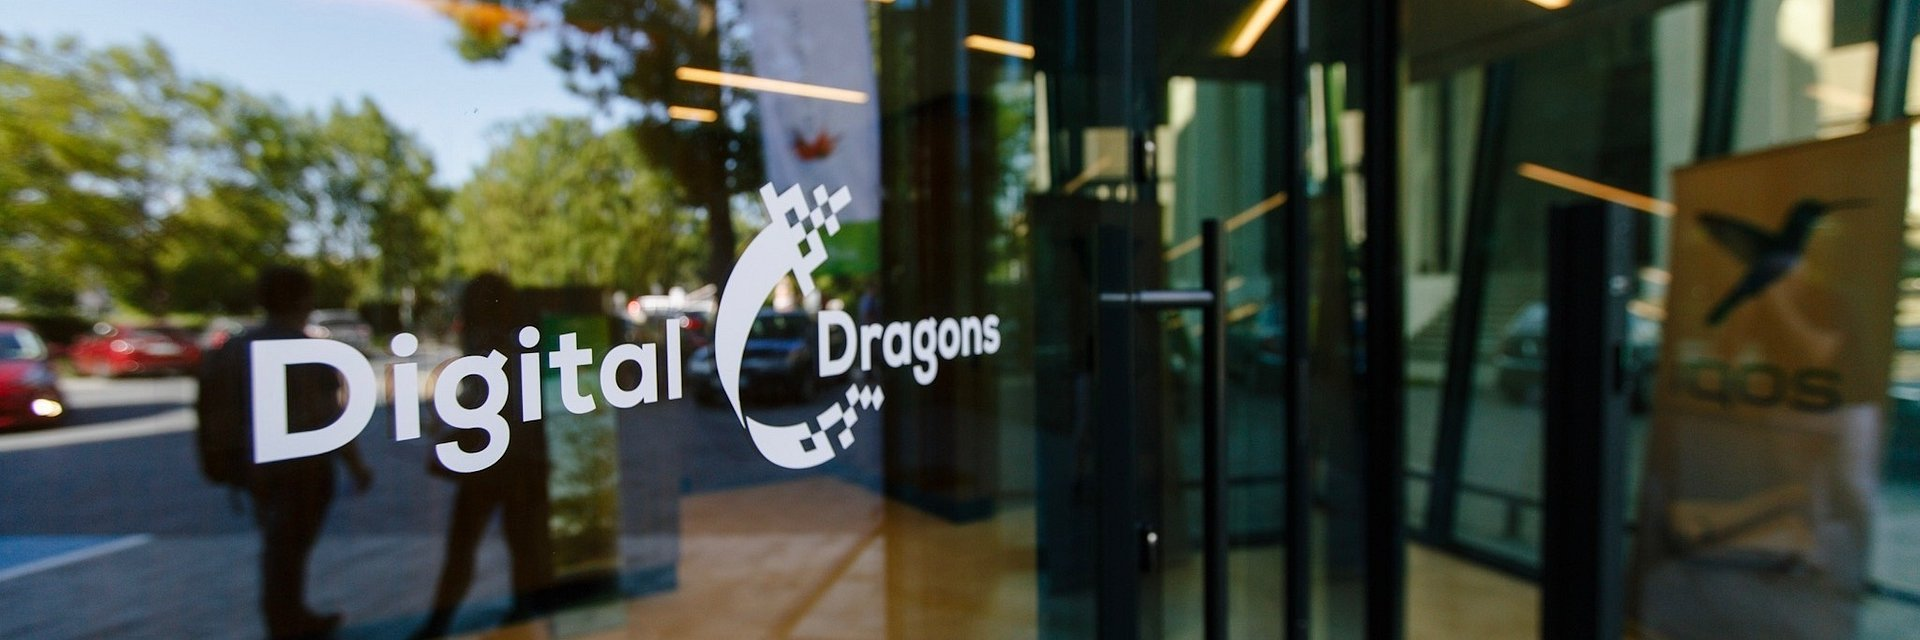 Digital Dragons 2020 - przełożone na wrzesień